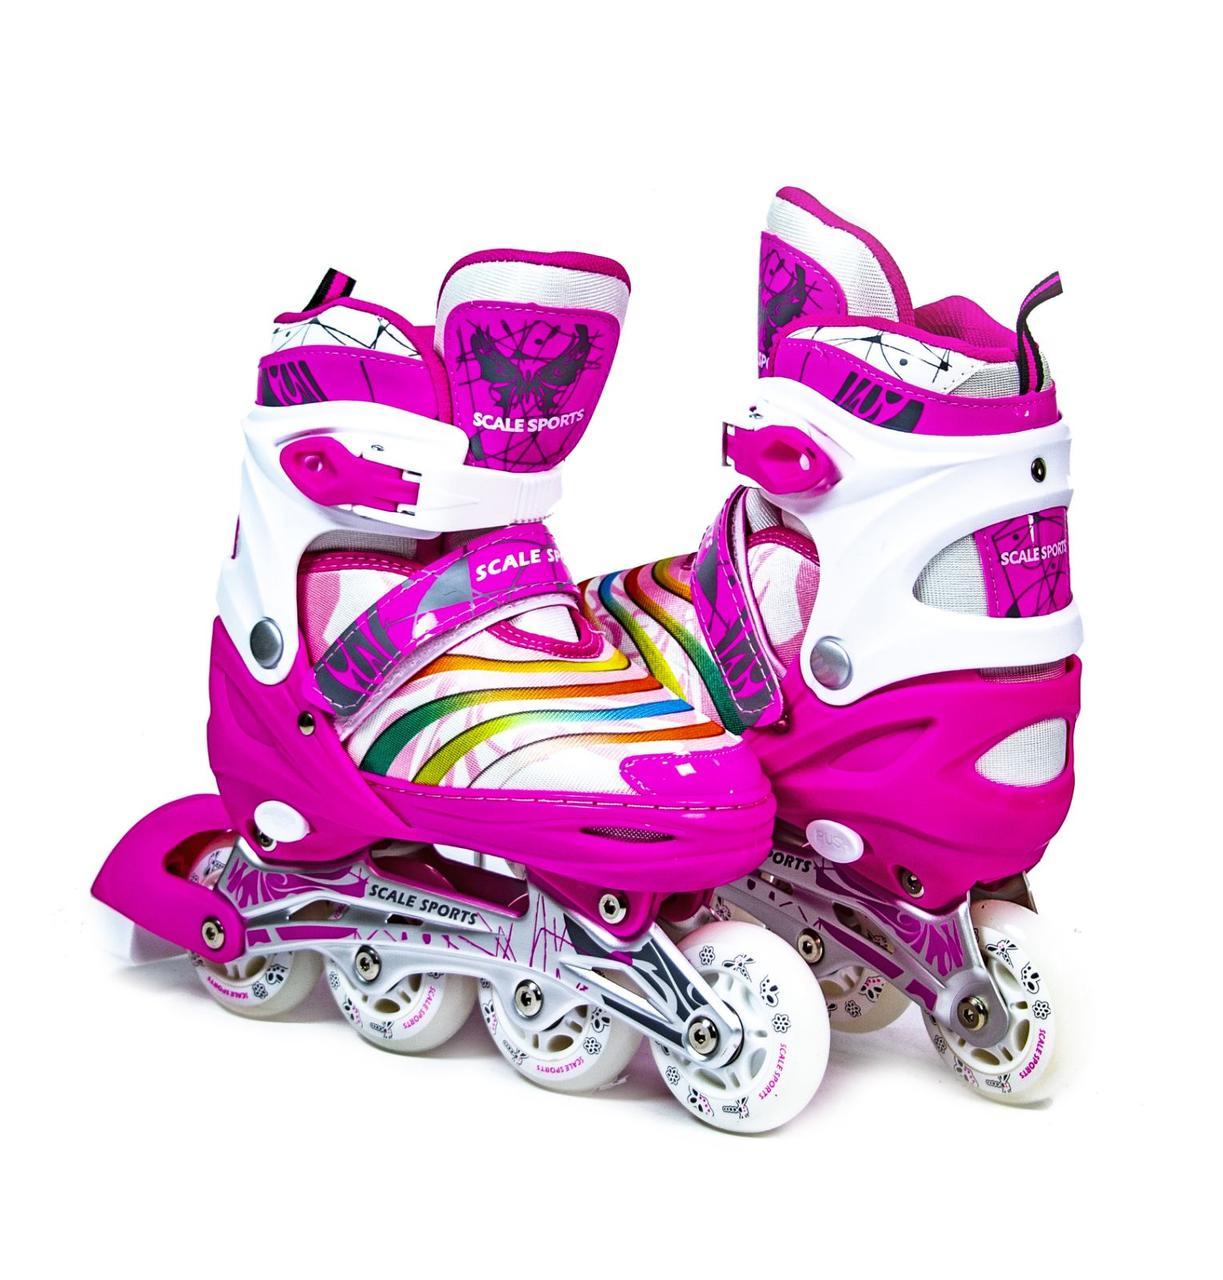 Ролики розсувні дитячі Scale Sports рожеві, розмір 38-41